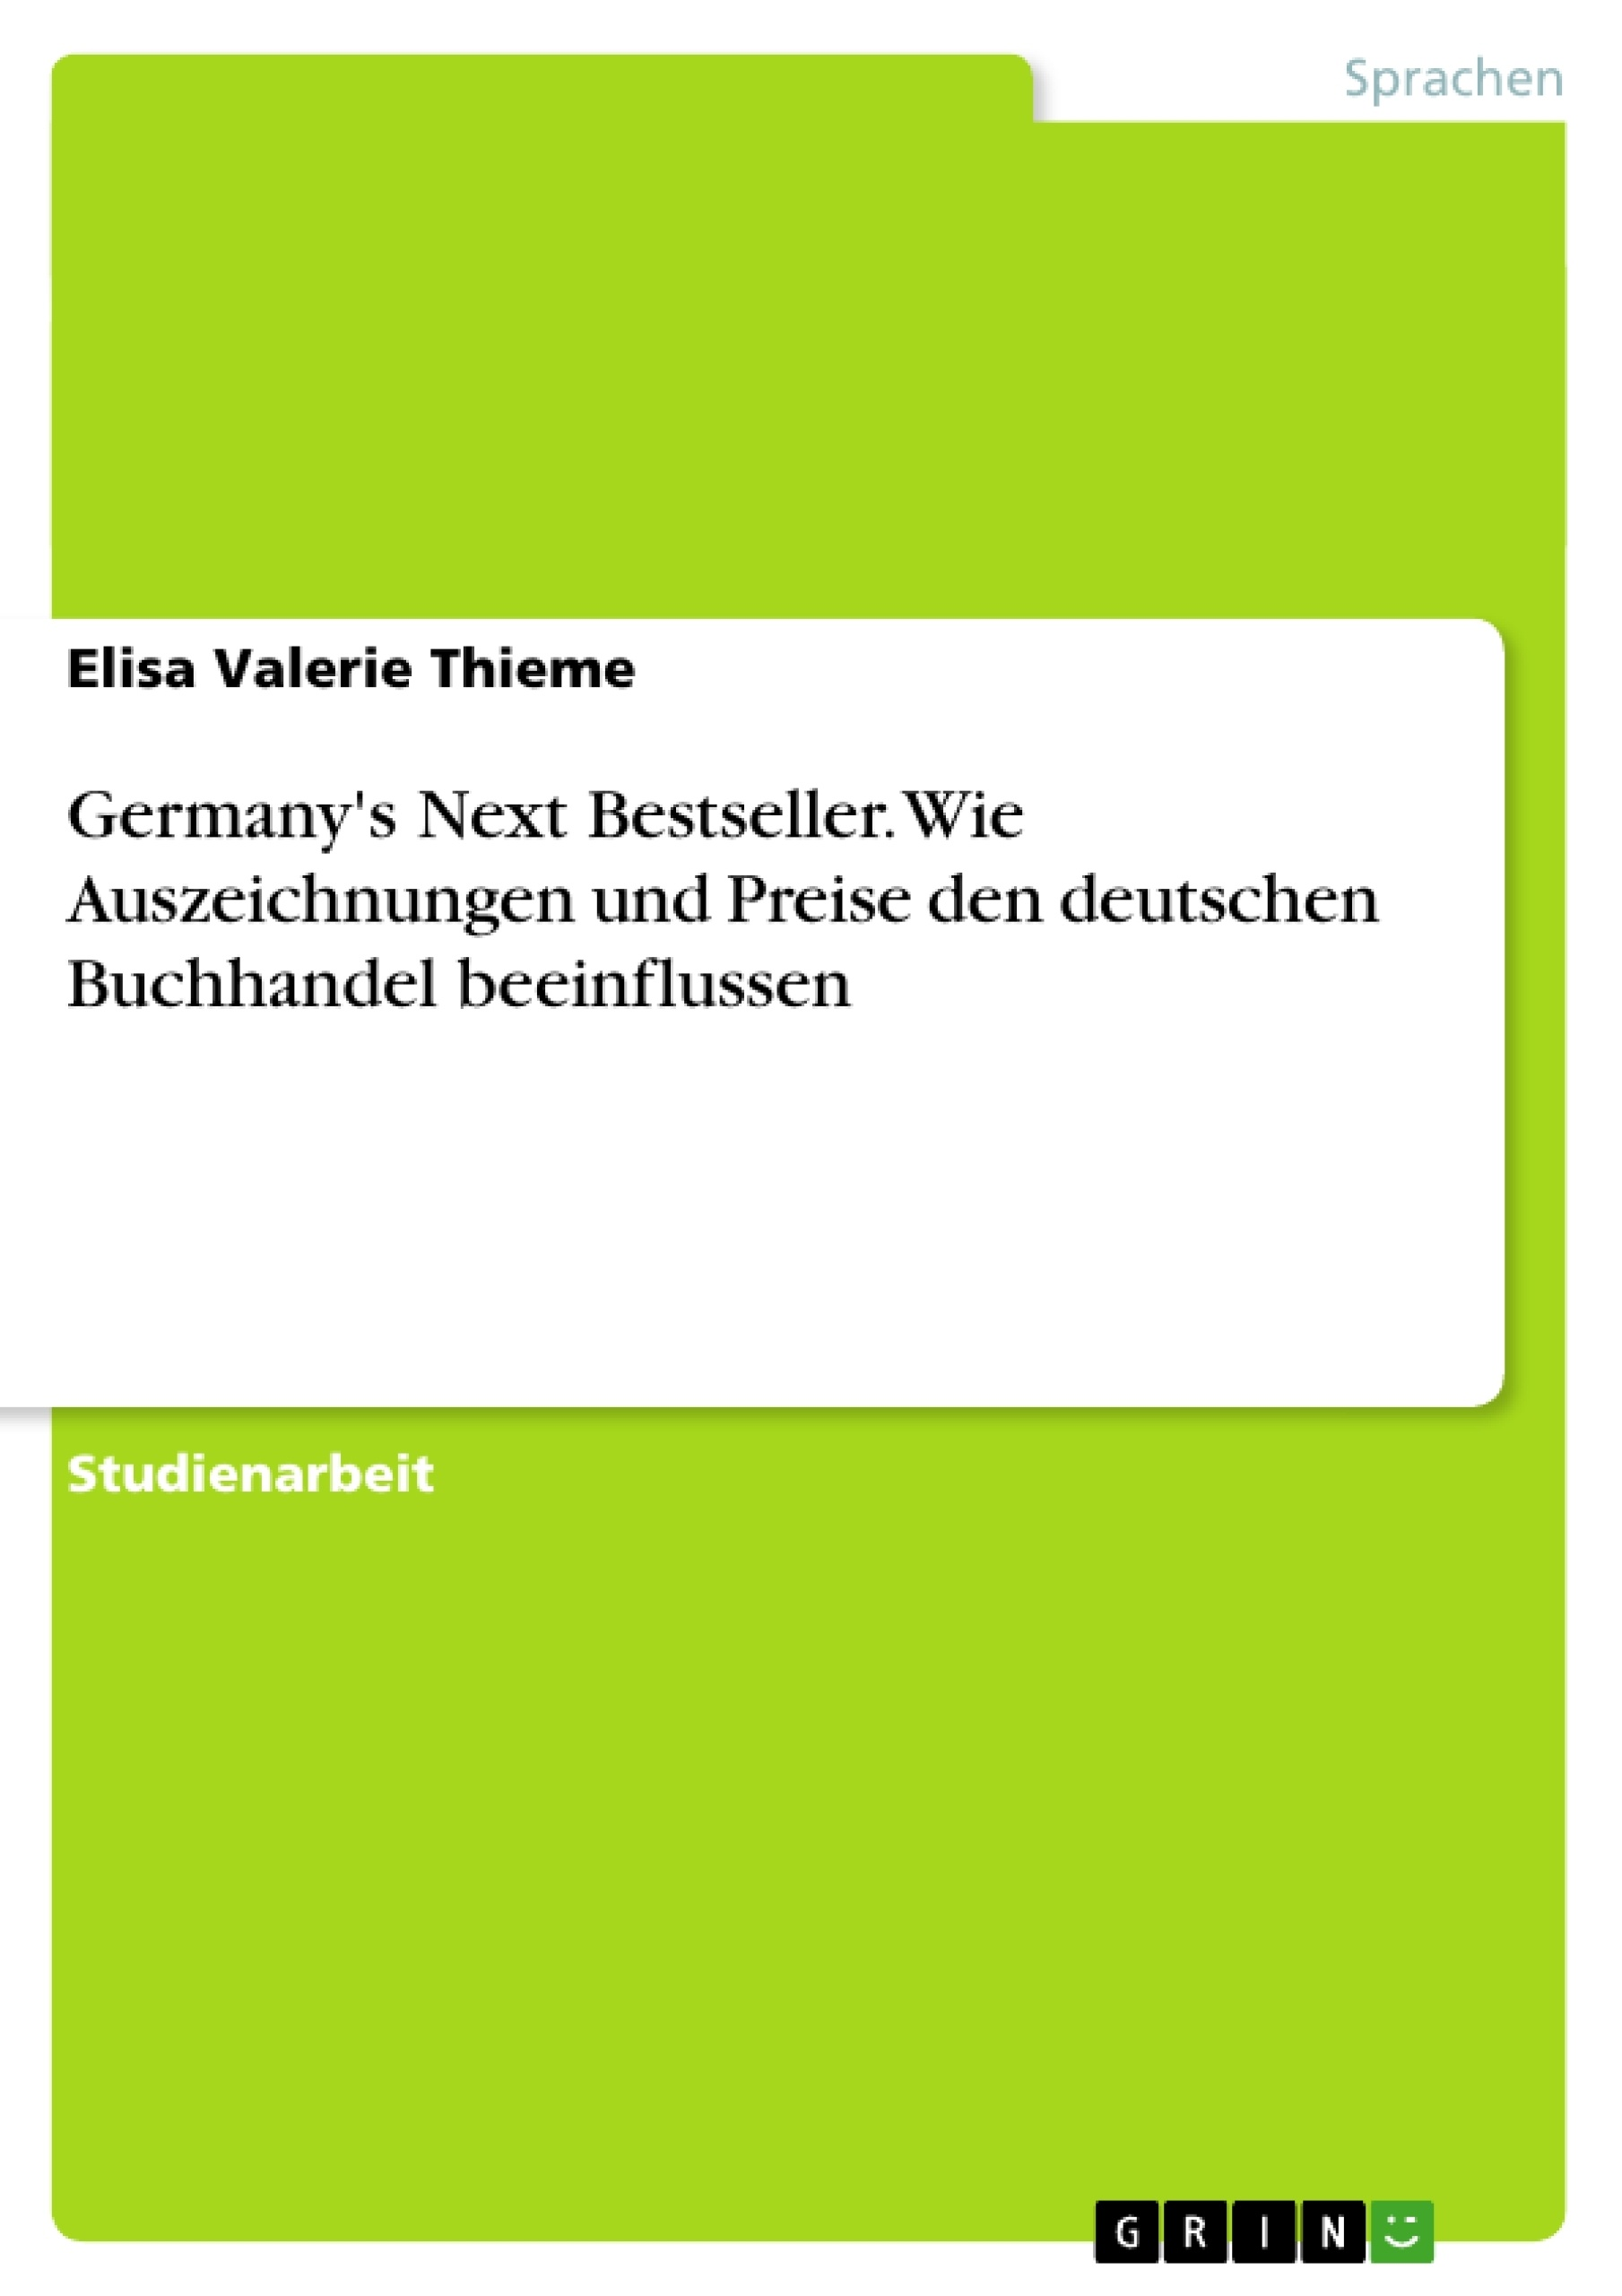 Titel: Germany's Next Bestseller. Wie Auszeichnungen und Preise den deutschen Buchhandel beeinflussen